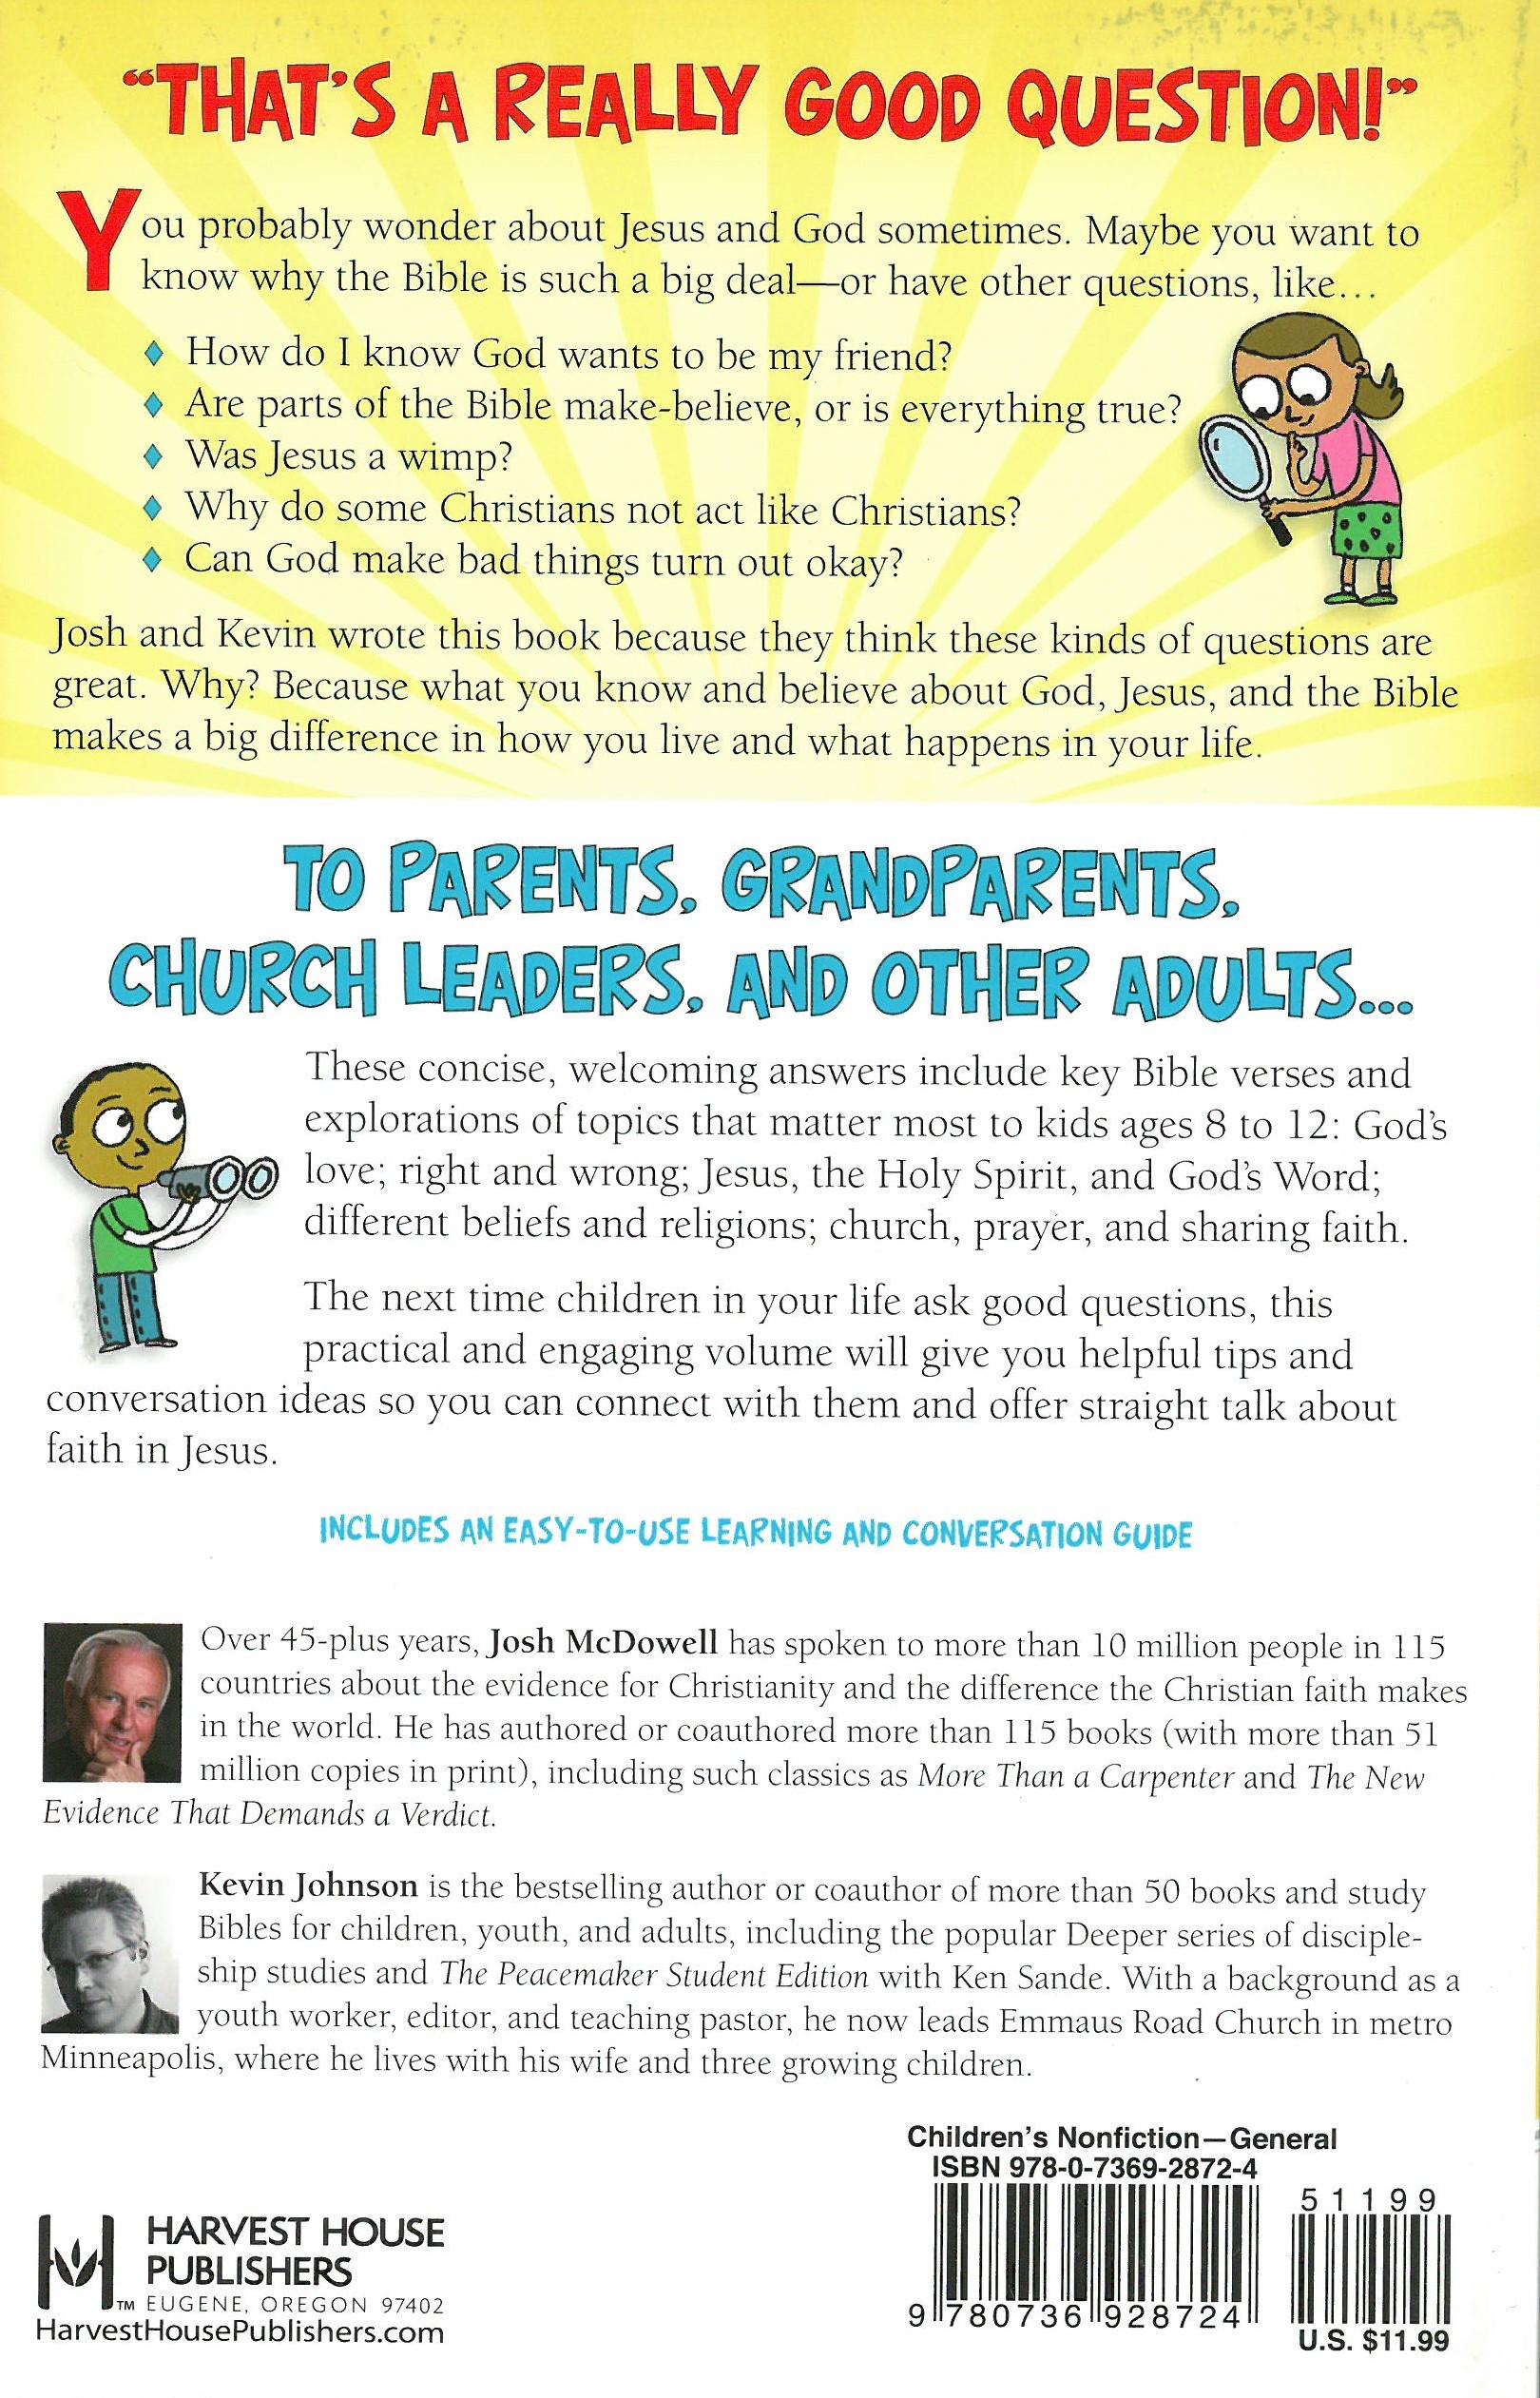 Bible Books for Children BOGO Offer